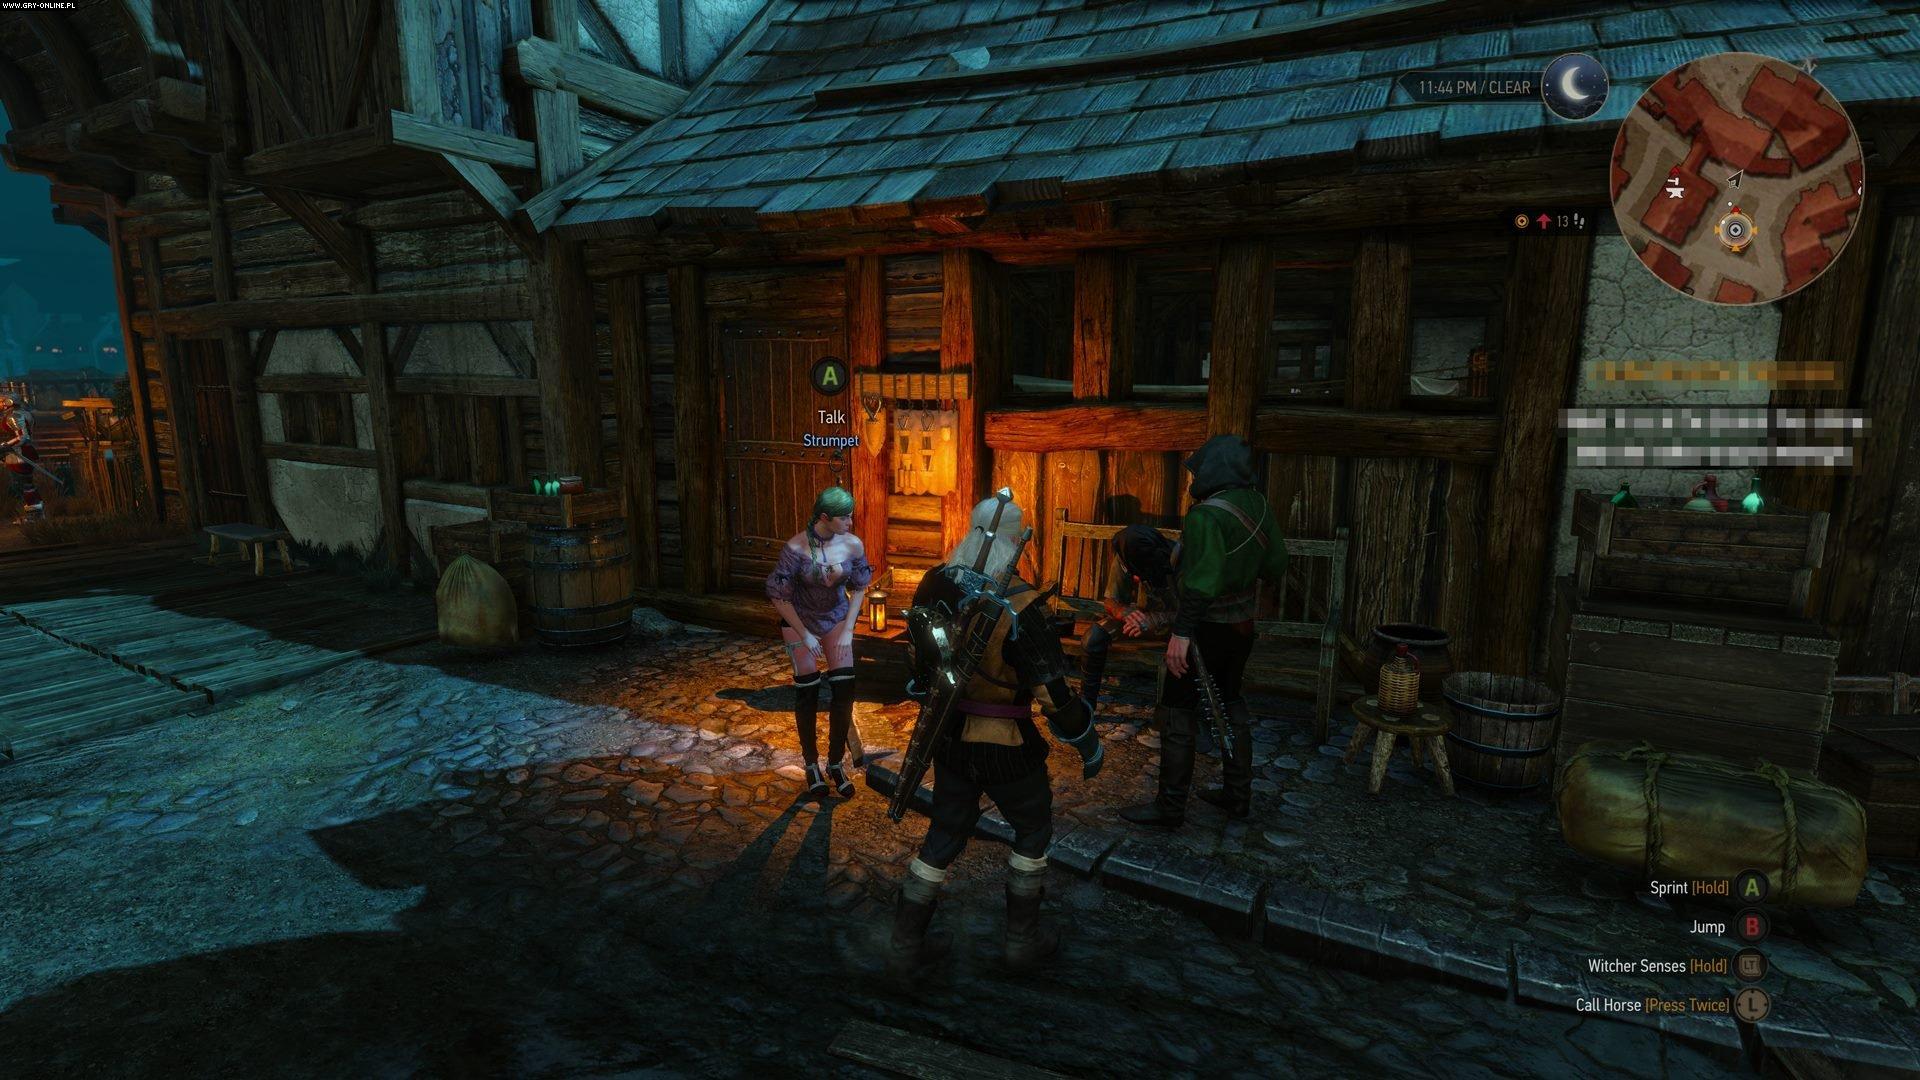 508545756.jpg - Witcher 3: Wild Hunt, the